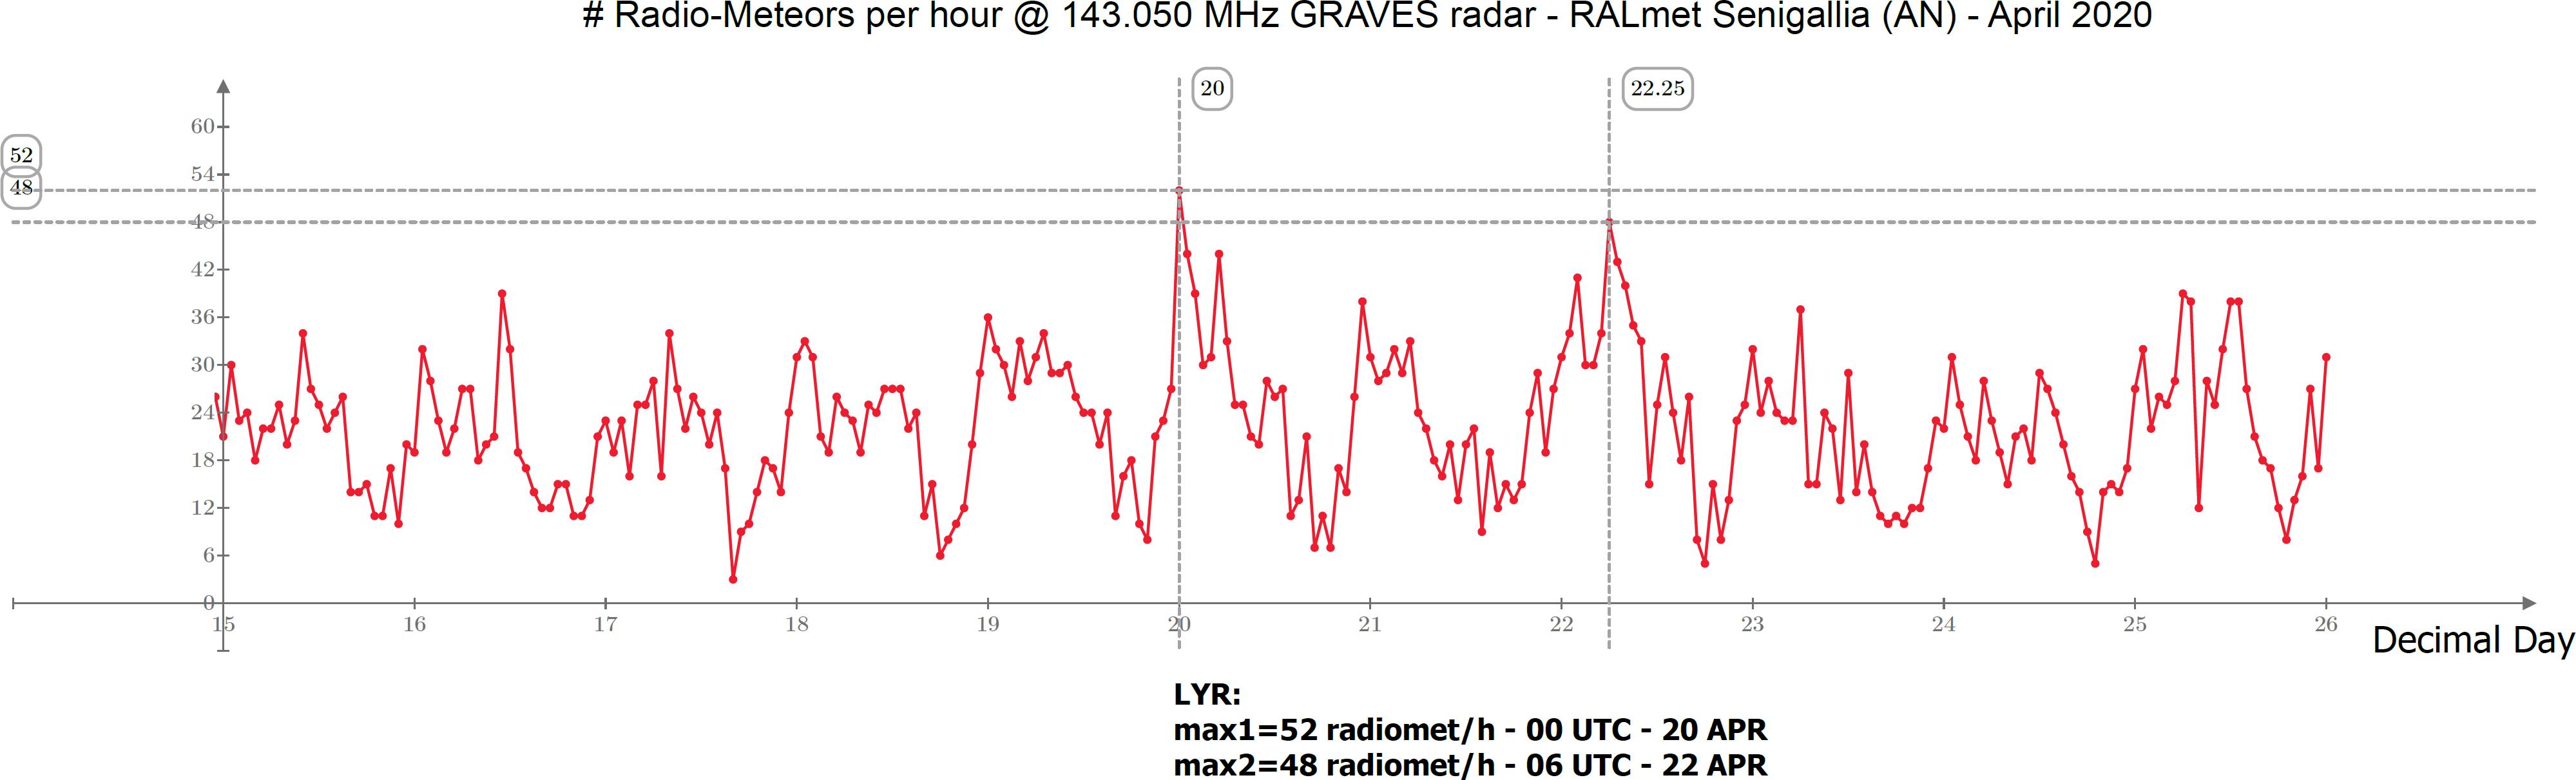 Frequenze orarie delle radiometeore catturate durante il periodo di attività delle Liridi negli anni 2018, 2019 e 2020.